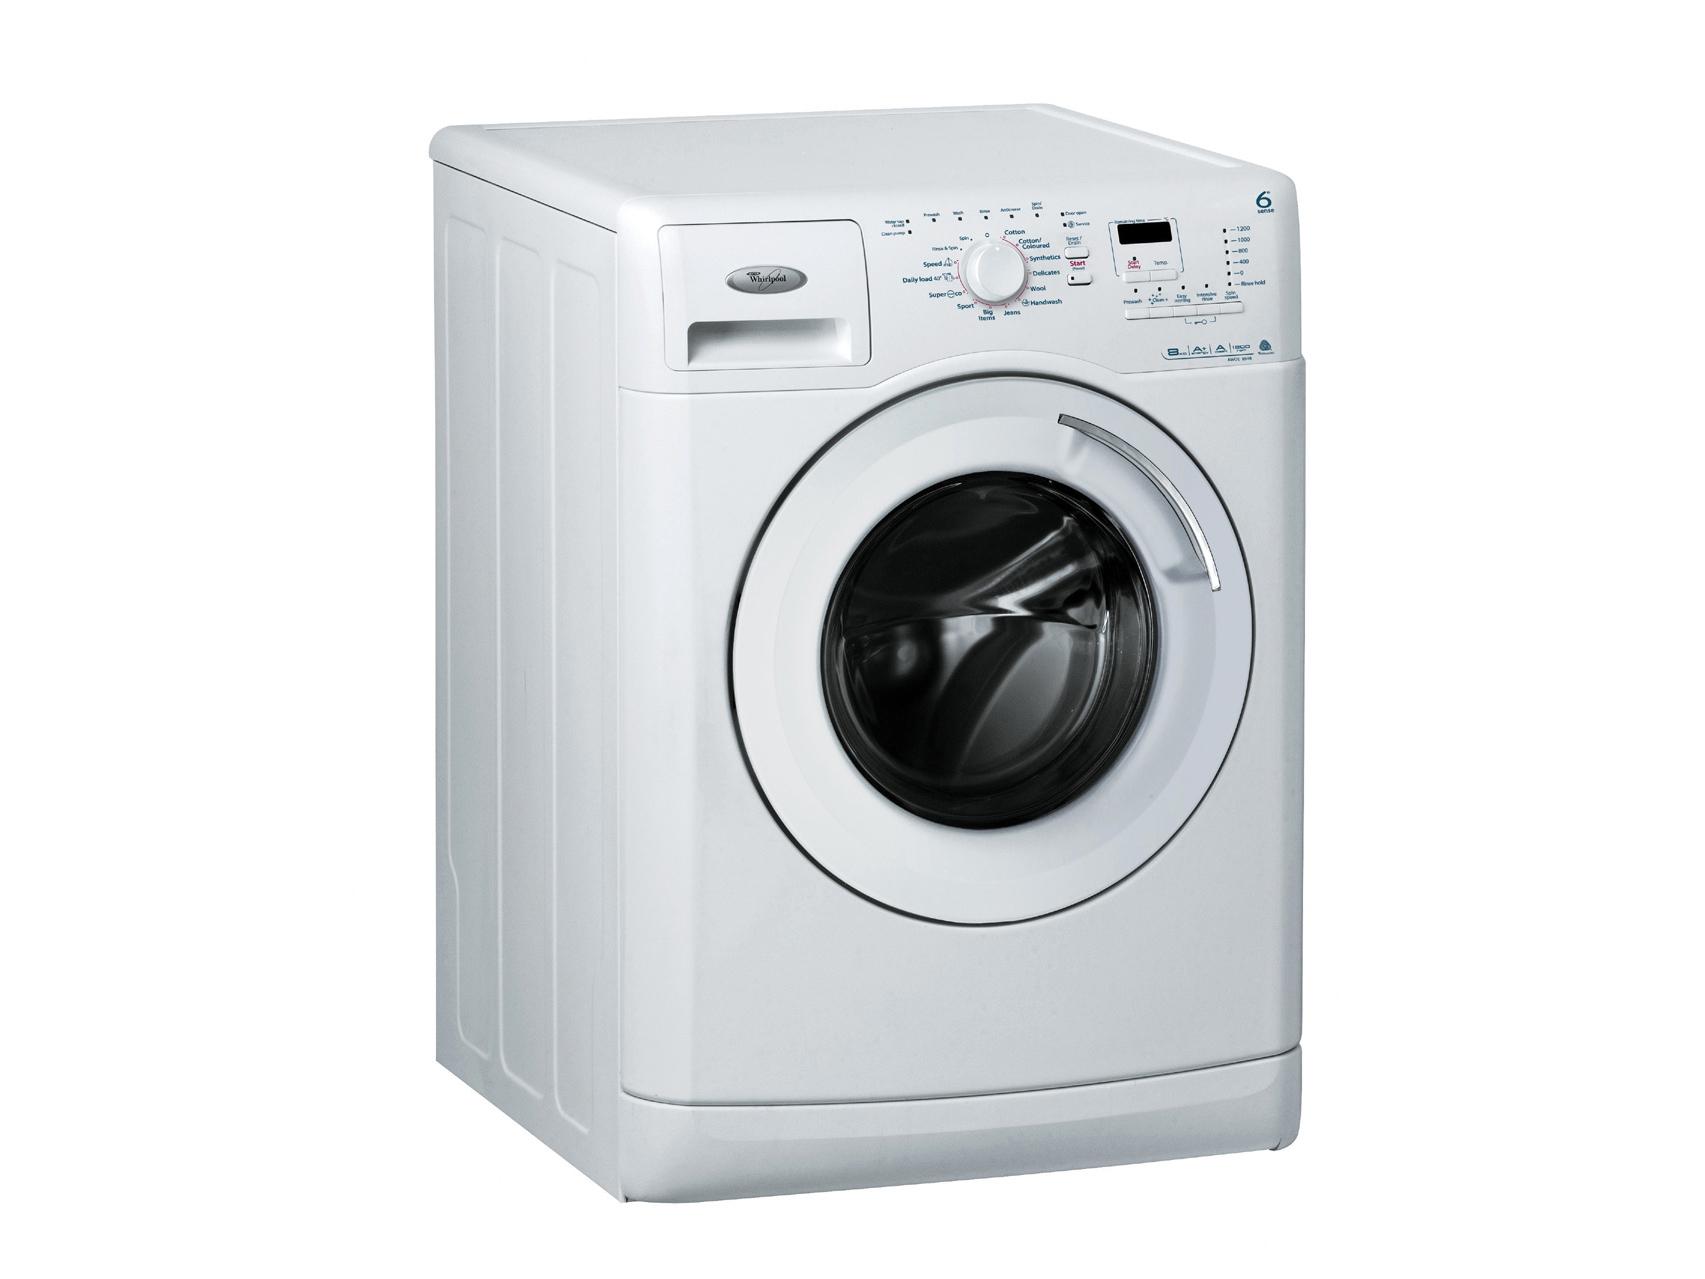 washingmachine1